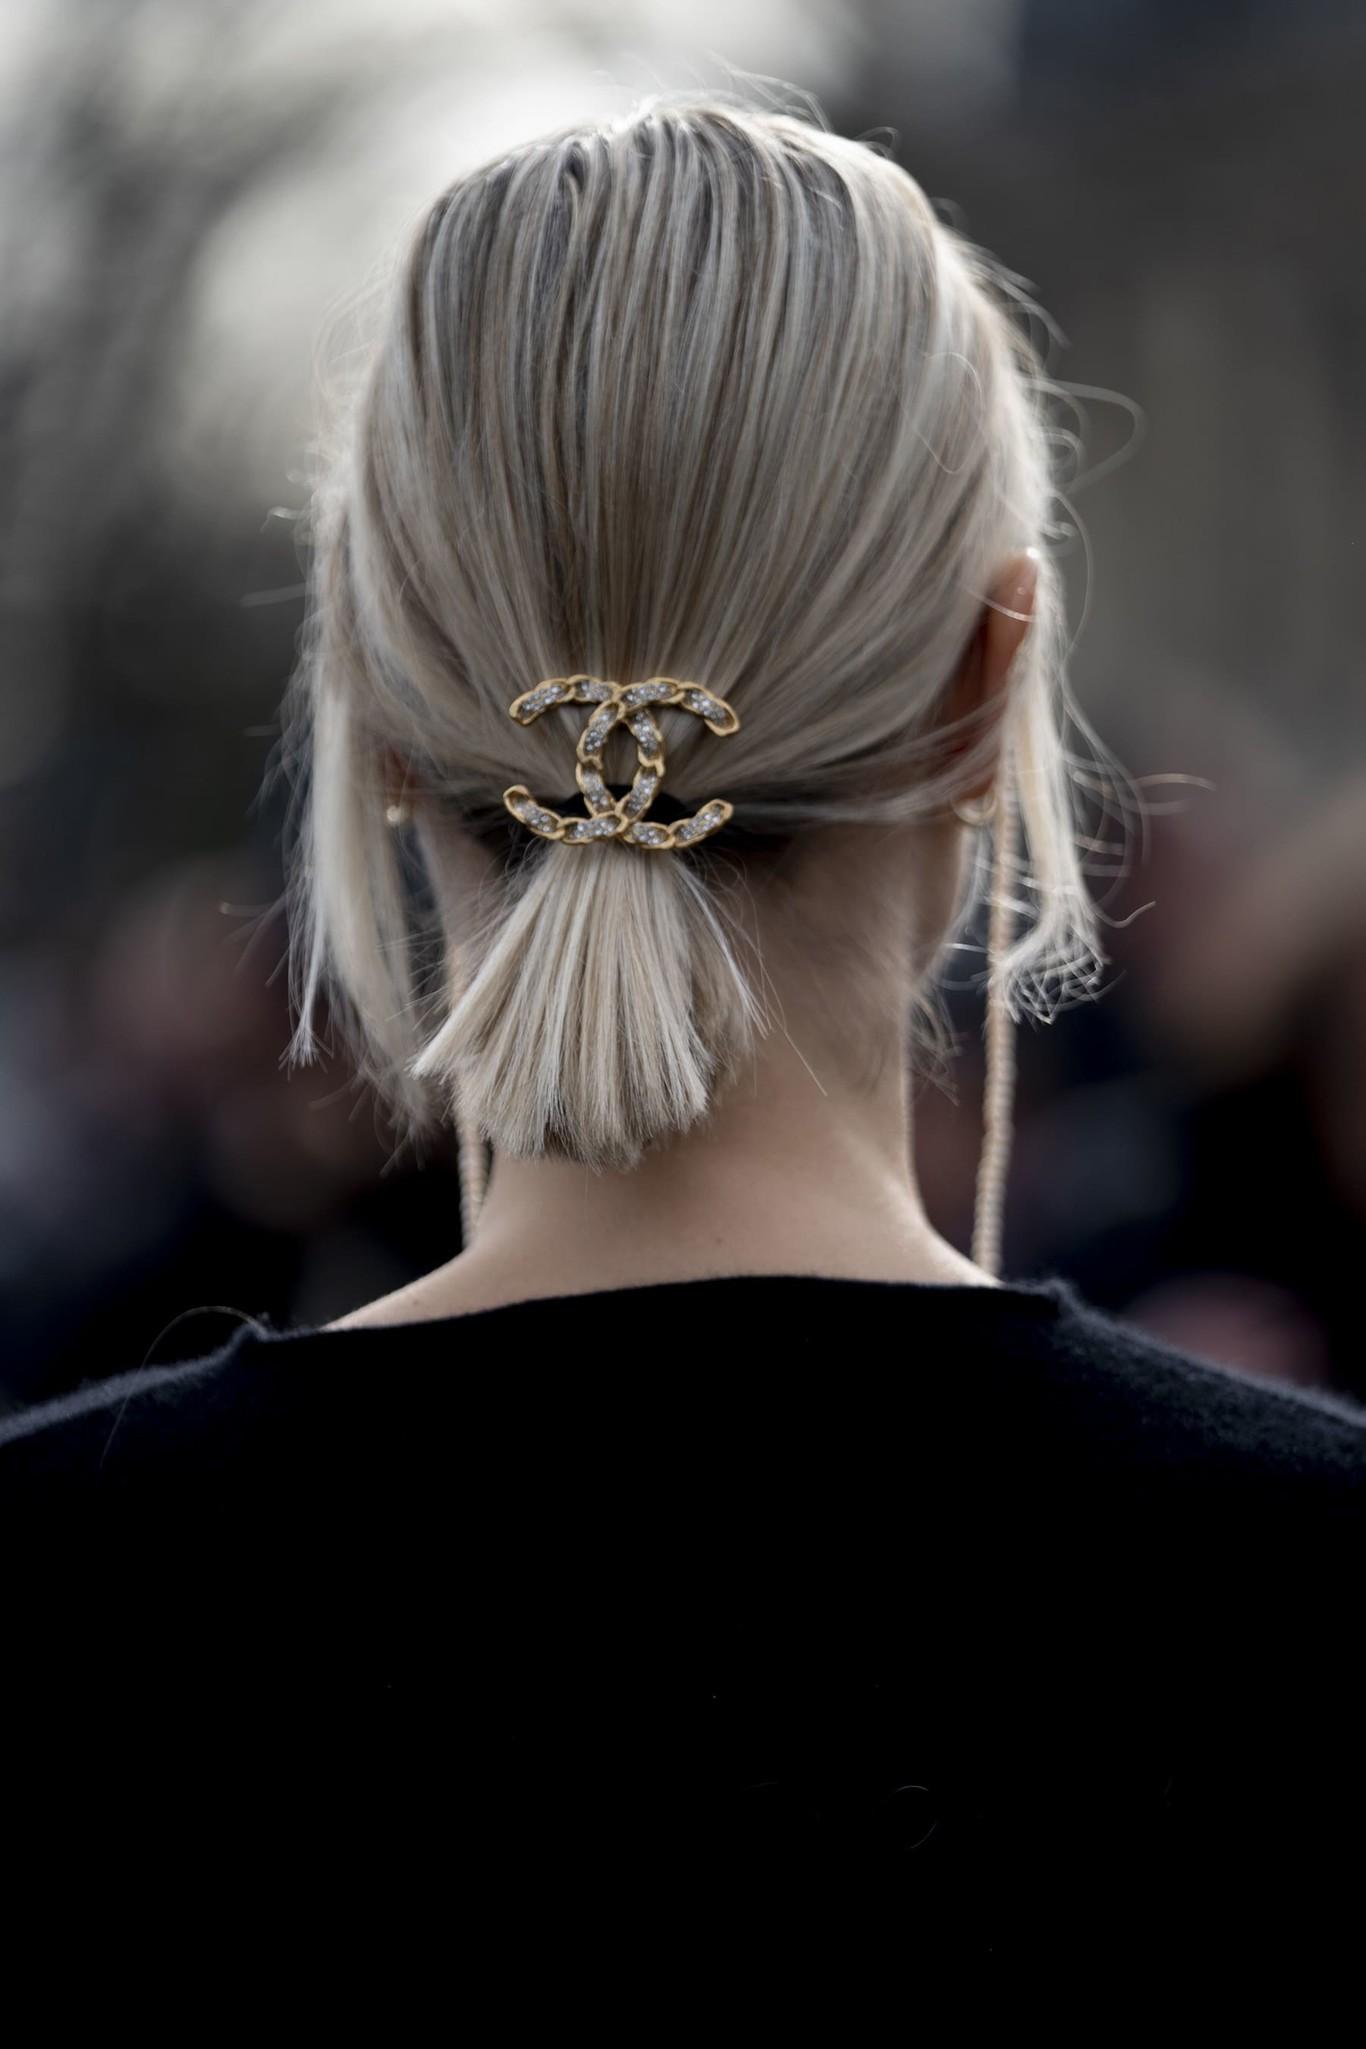 De la pasarela a la calle, la coleta se confirma como el peinado del 2020 (y te damos ideas para adornarla)